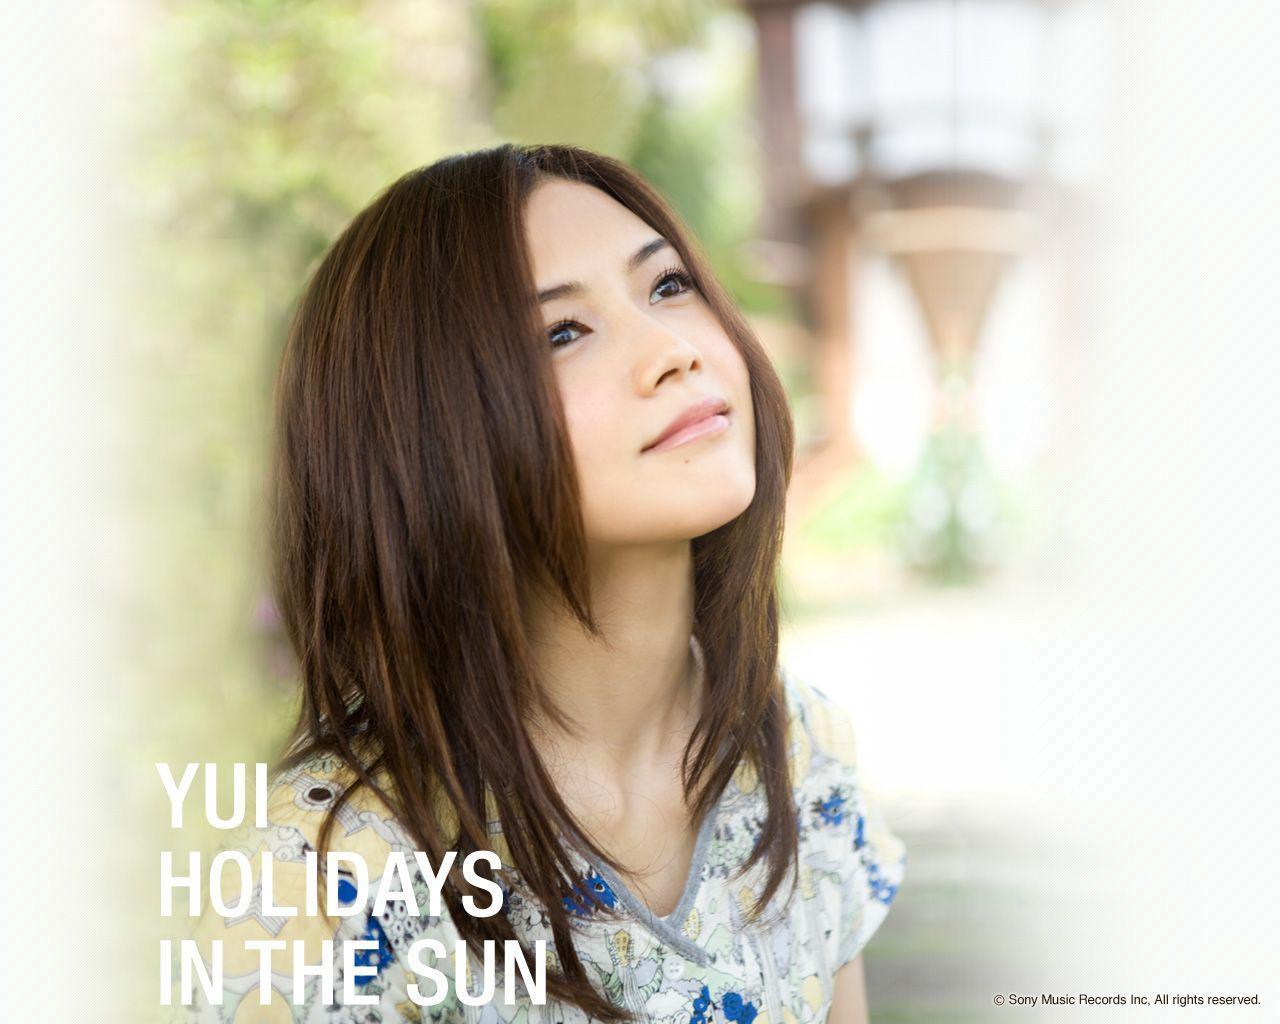 yui yoshioka desktop